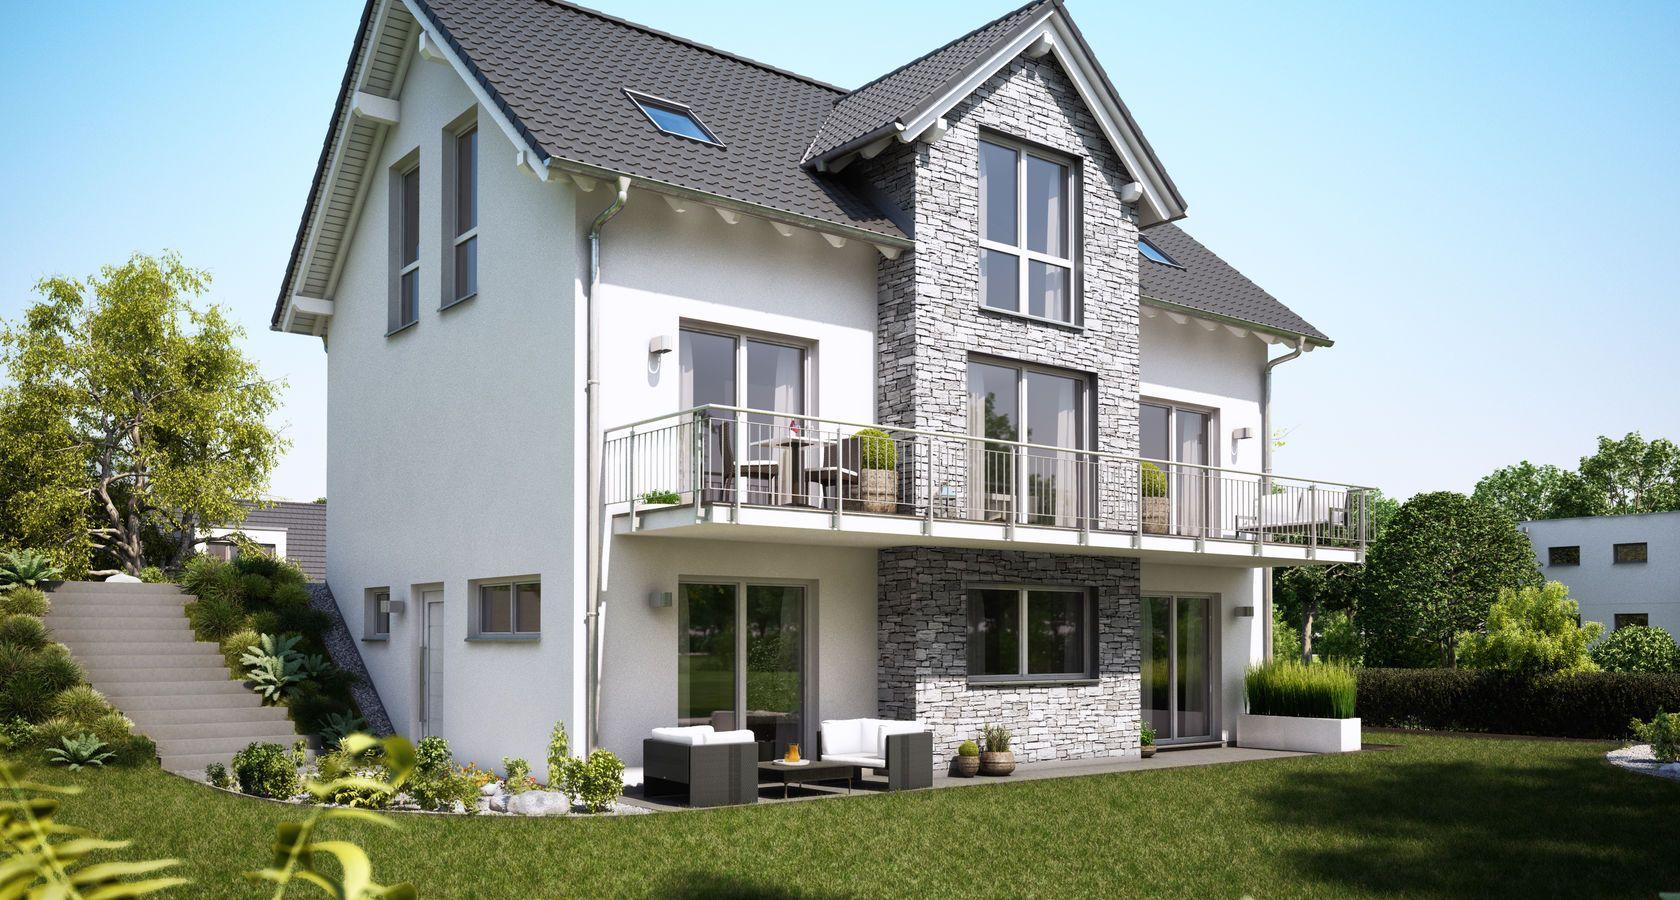 massivhaus kern-haus familienhaus aura mit keller gartenseite ... - Haus Bauen Ideen